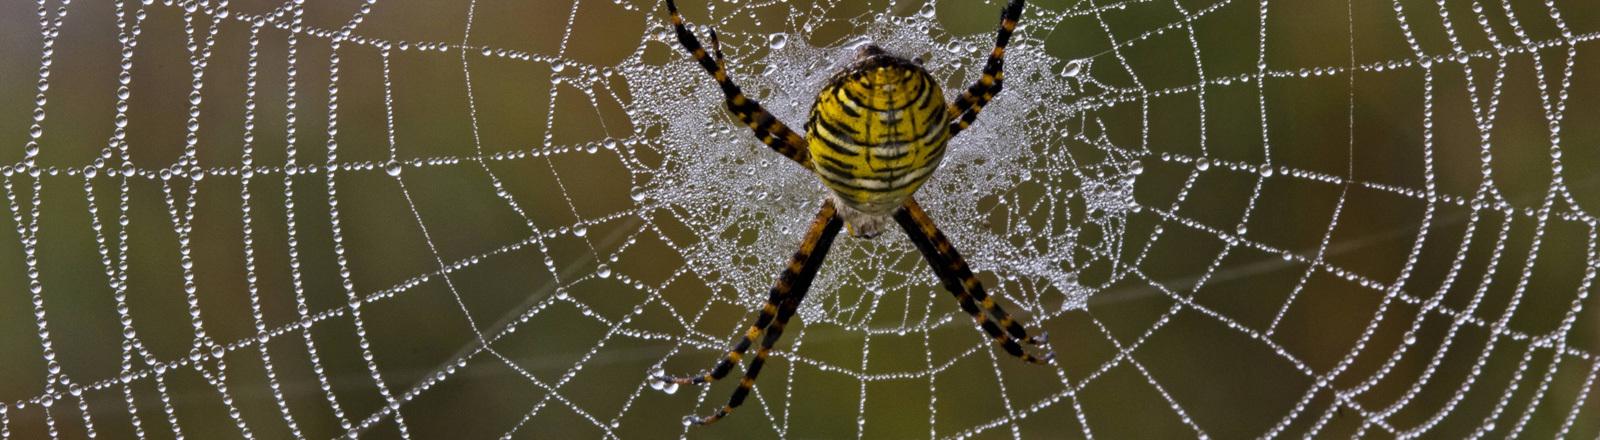 Eine Radnetzspinne